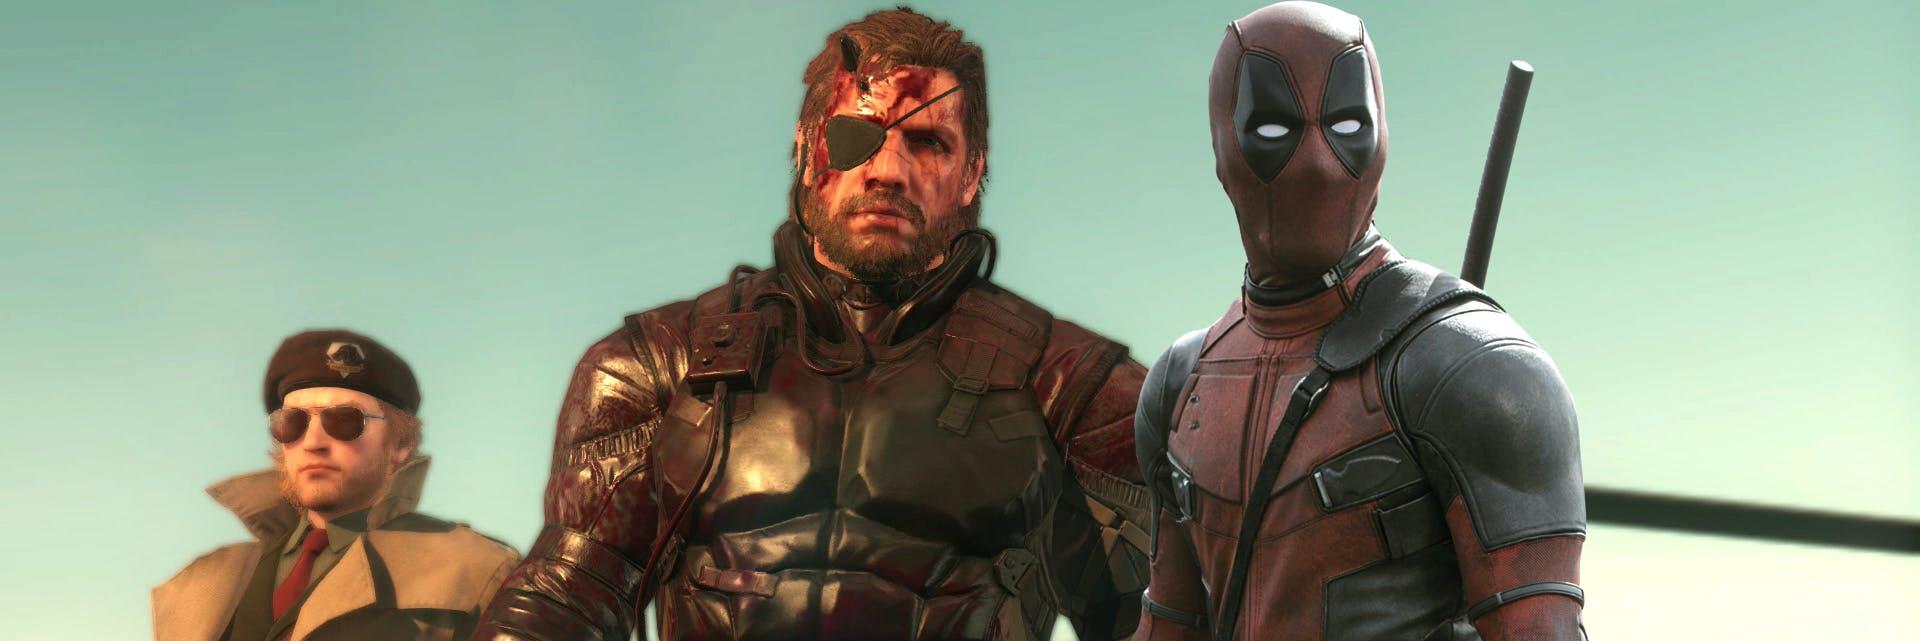 Deadpool Metal Gear Solid